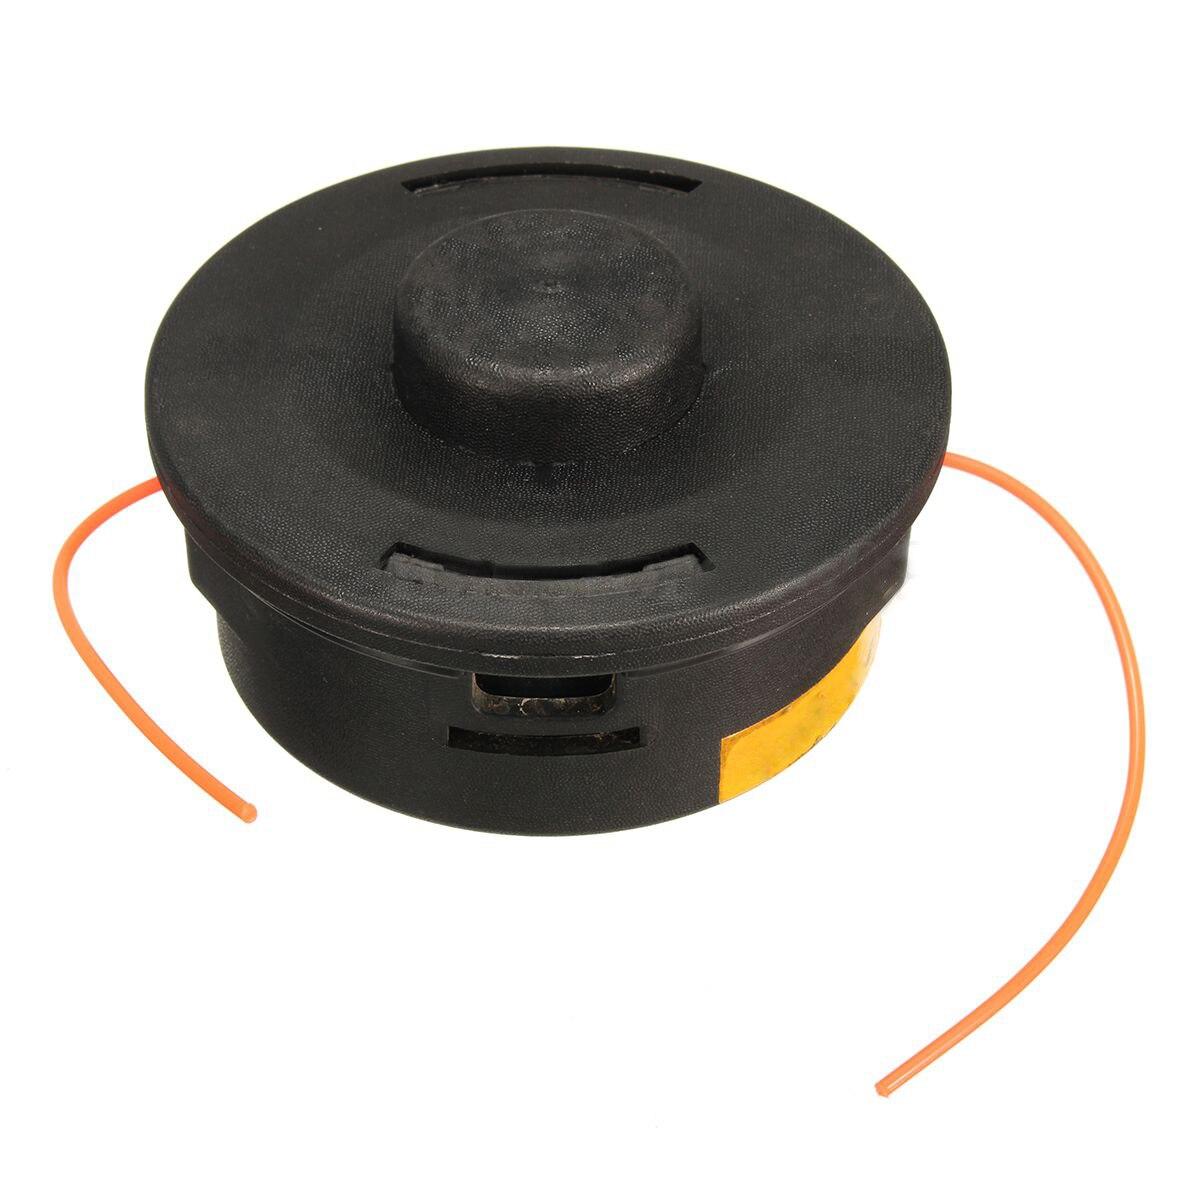 MYLB-#4002-710-2191 Trimmer Head For Stihl FS40 FS88 FS 90R FS100 FS100R FS106 FS108 Black бензиновая коса stihl fs 100 нож 4 зуба